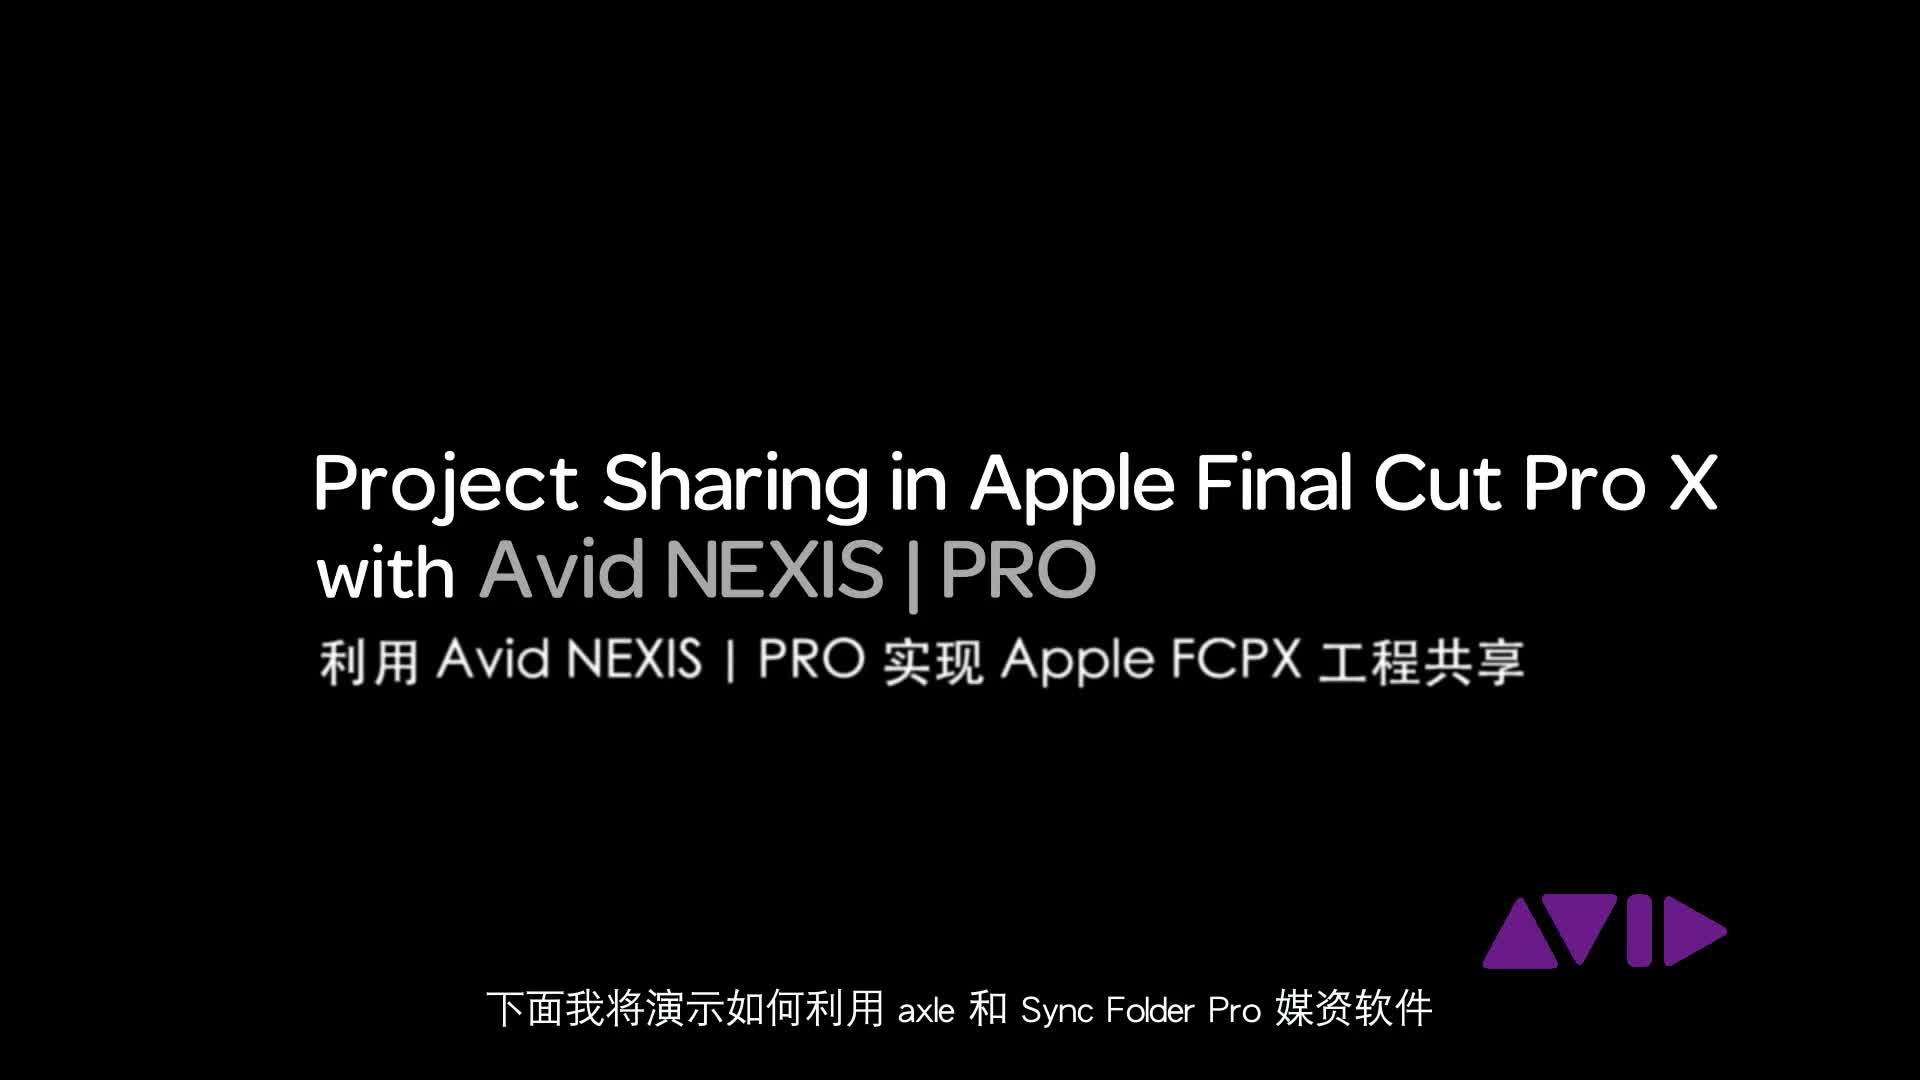 利用NEXIS  PRO实现Apple FCPX工程共享